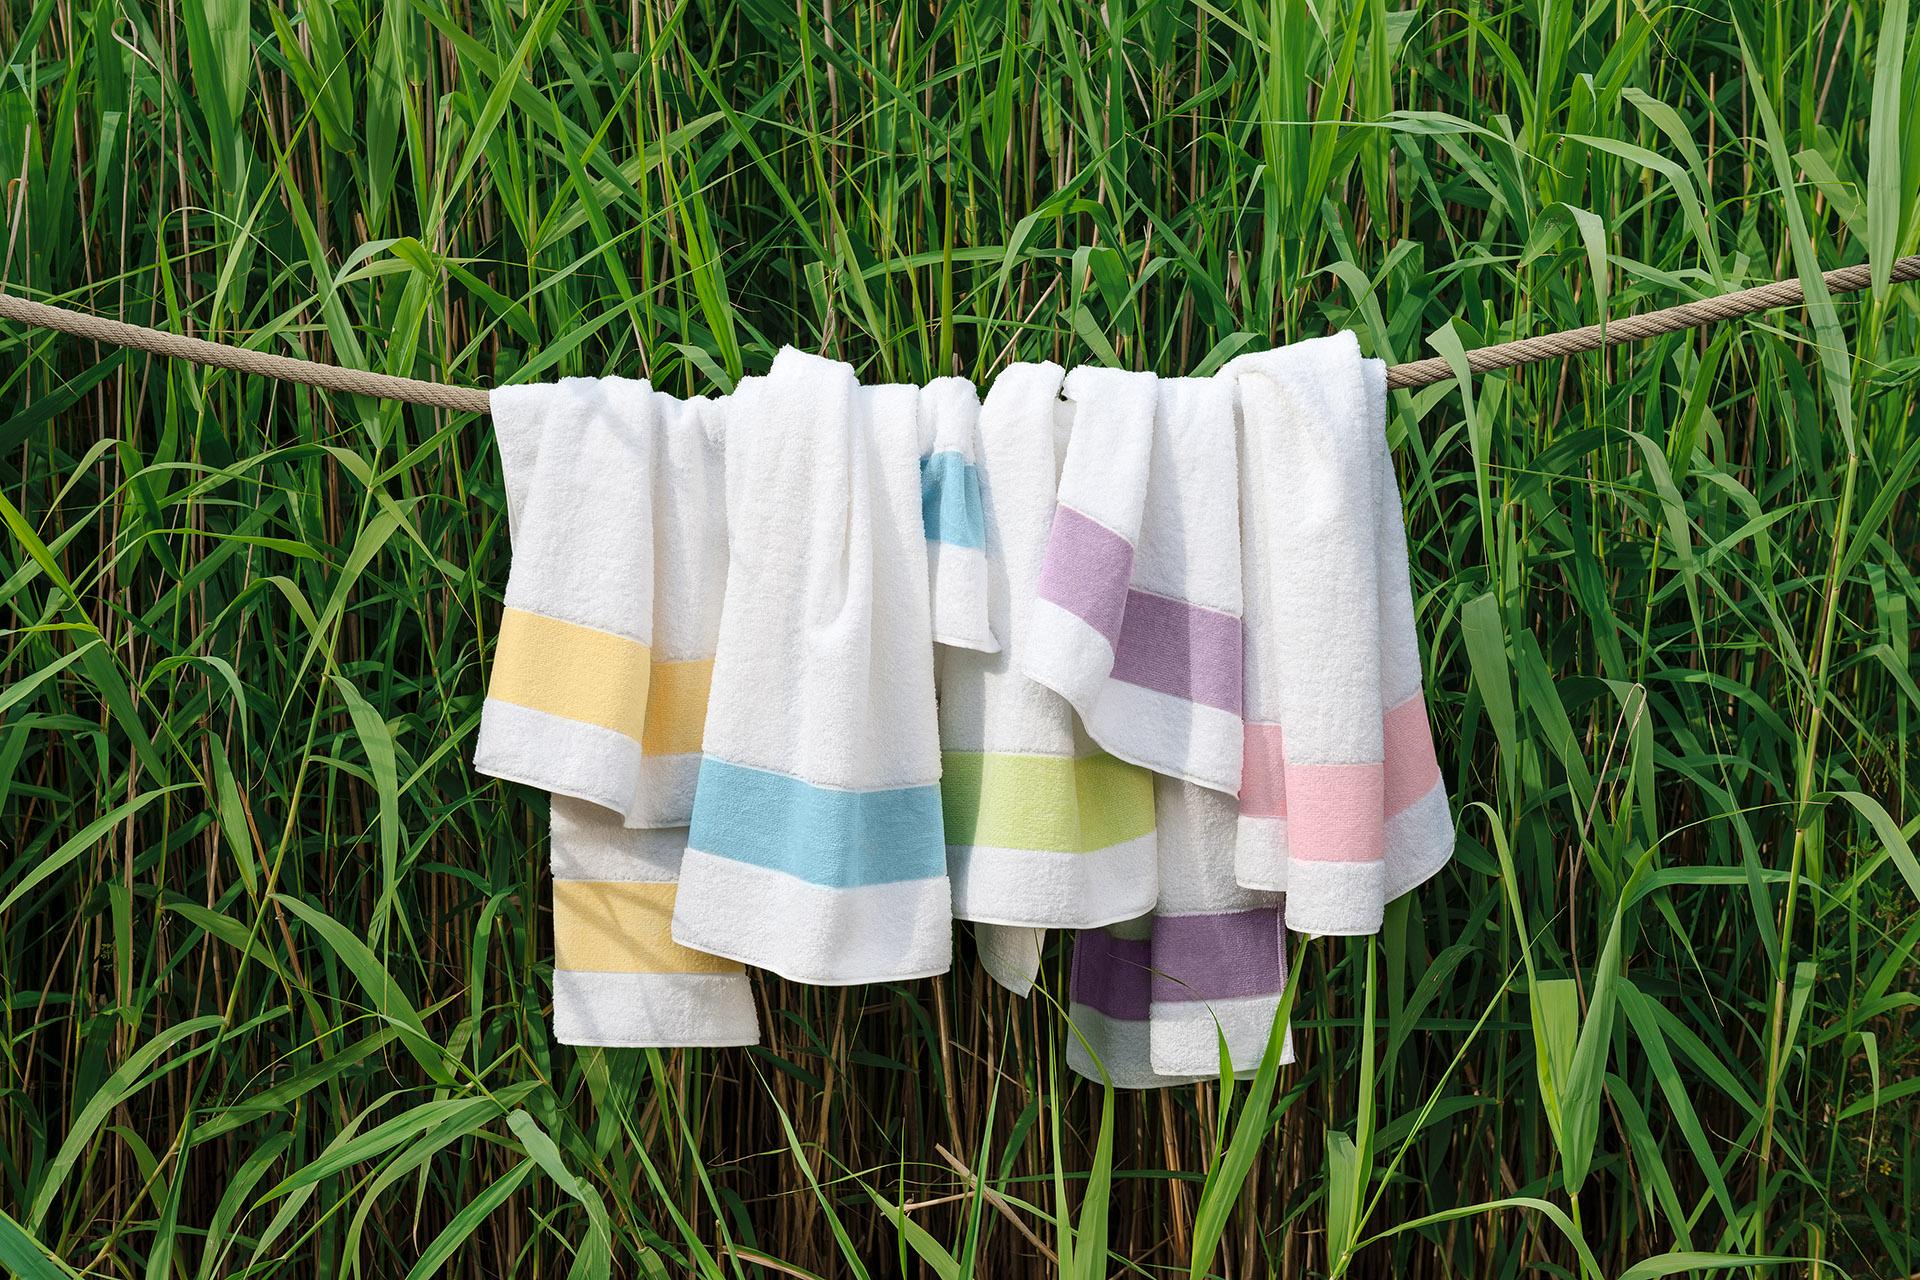 Werbefotografie bunte Handtücher auf Leine der Serie Exclusiv by Feiler Frottier und Chenille. Feigefotodesign